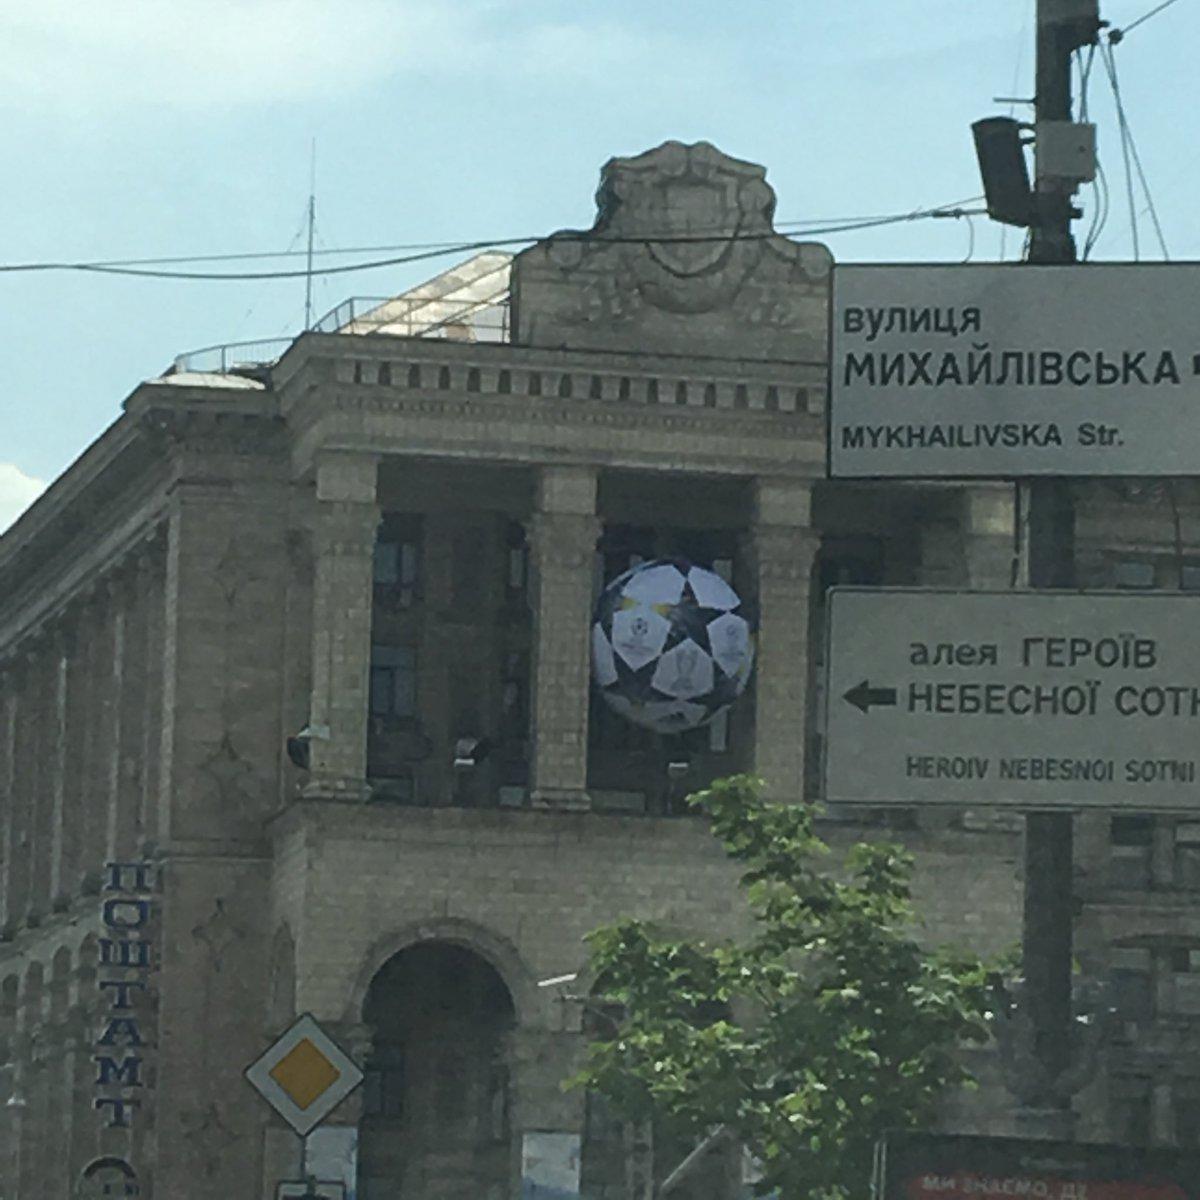 Россия запретит въезд транспорта из ОРДЛО на время Чемпионата мира по футболу, - Слободян - Цензор.НЕТ 7420